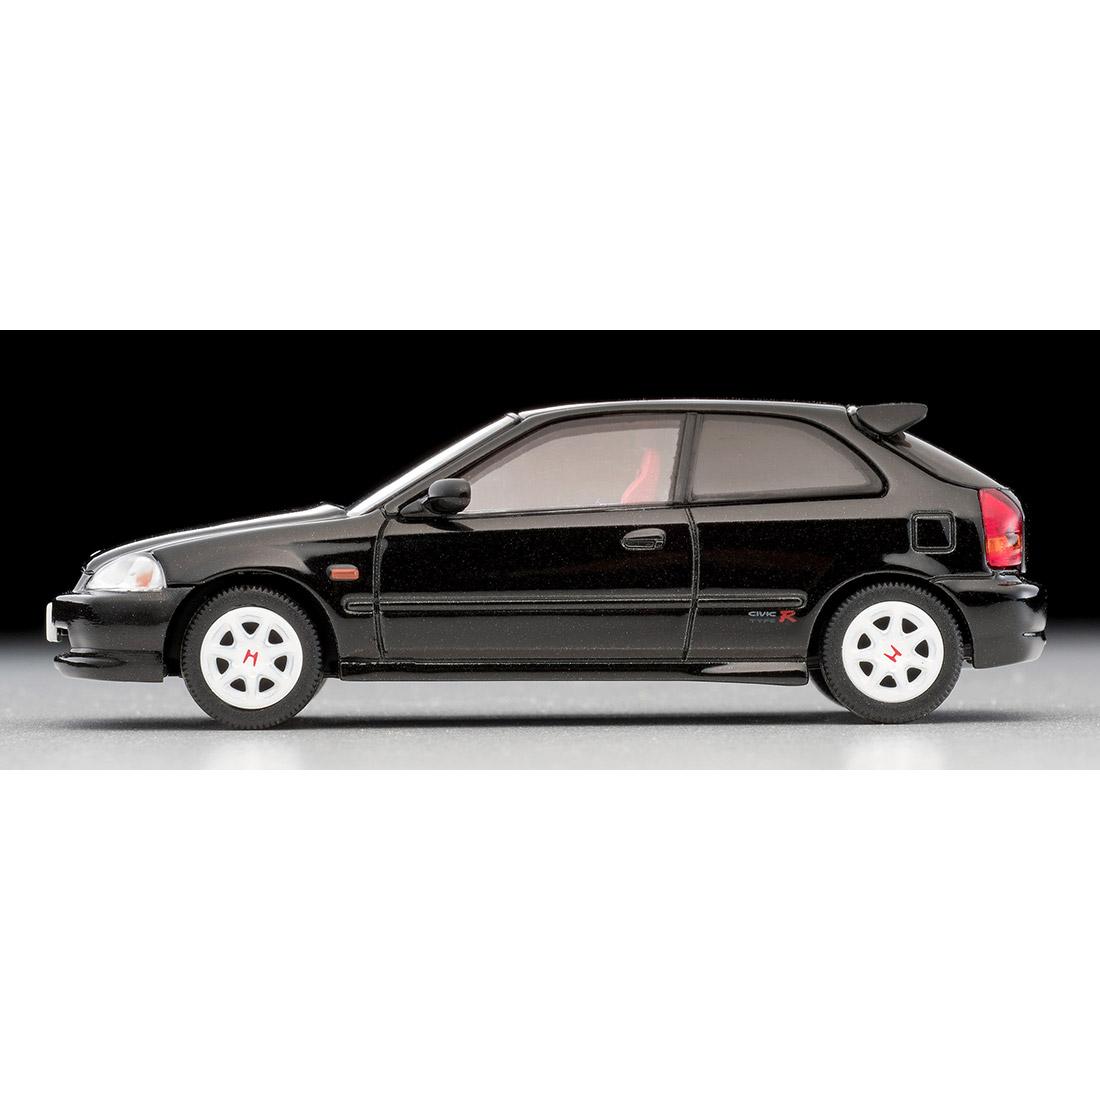 トミカリミテッド ヴィンテージ ネオ TLV-NEO『LV-N158c ホンダ シビック タイプR 97年式(黒)』1/64 ミニカー-006